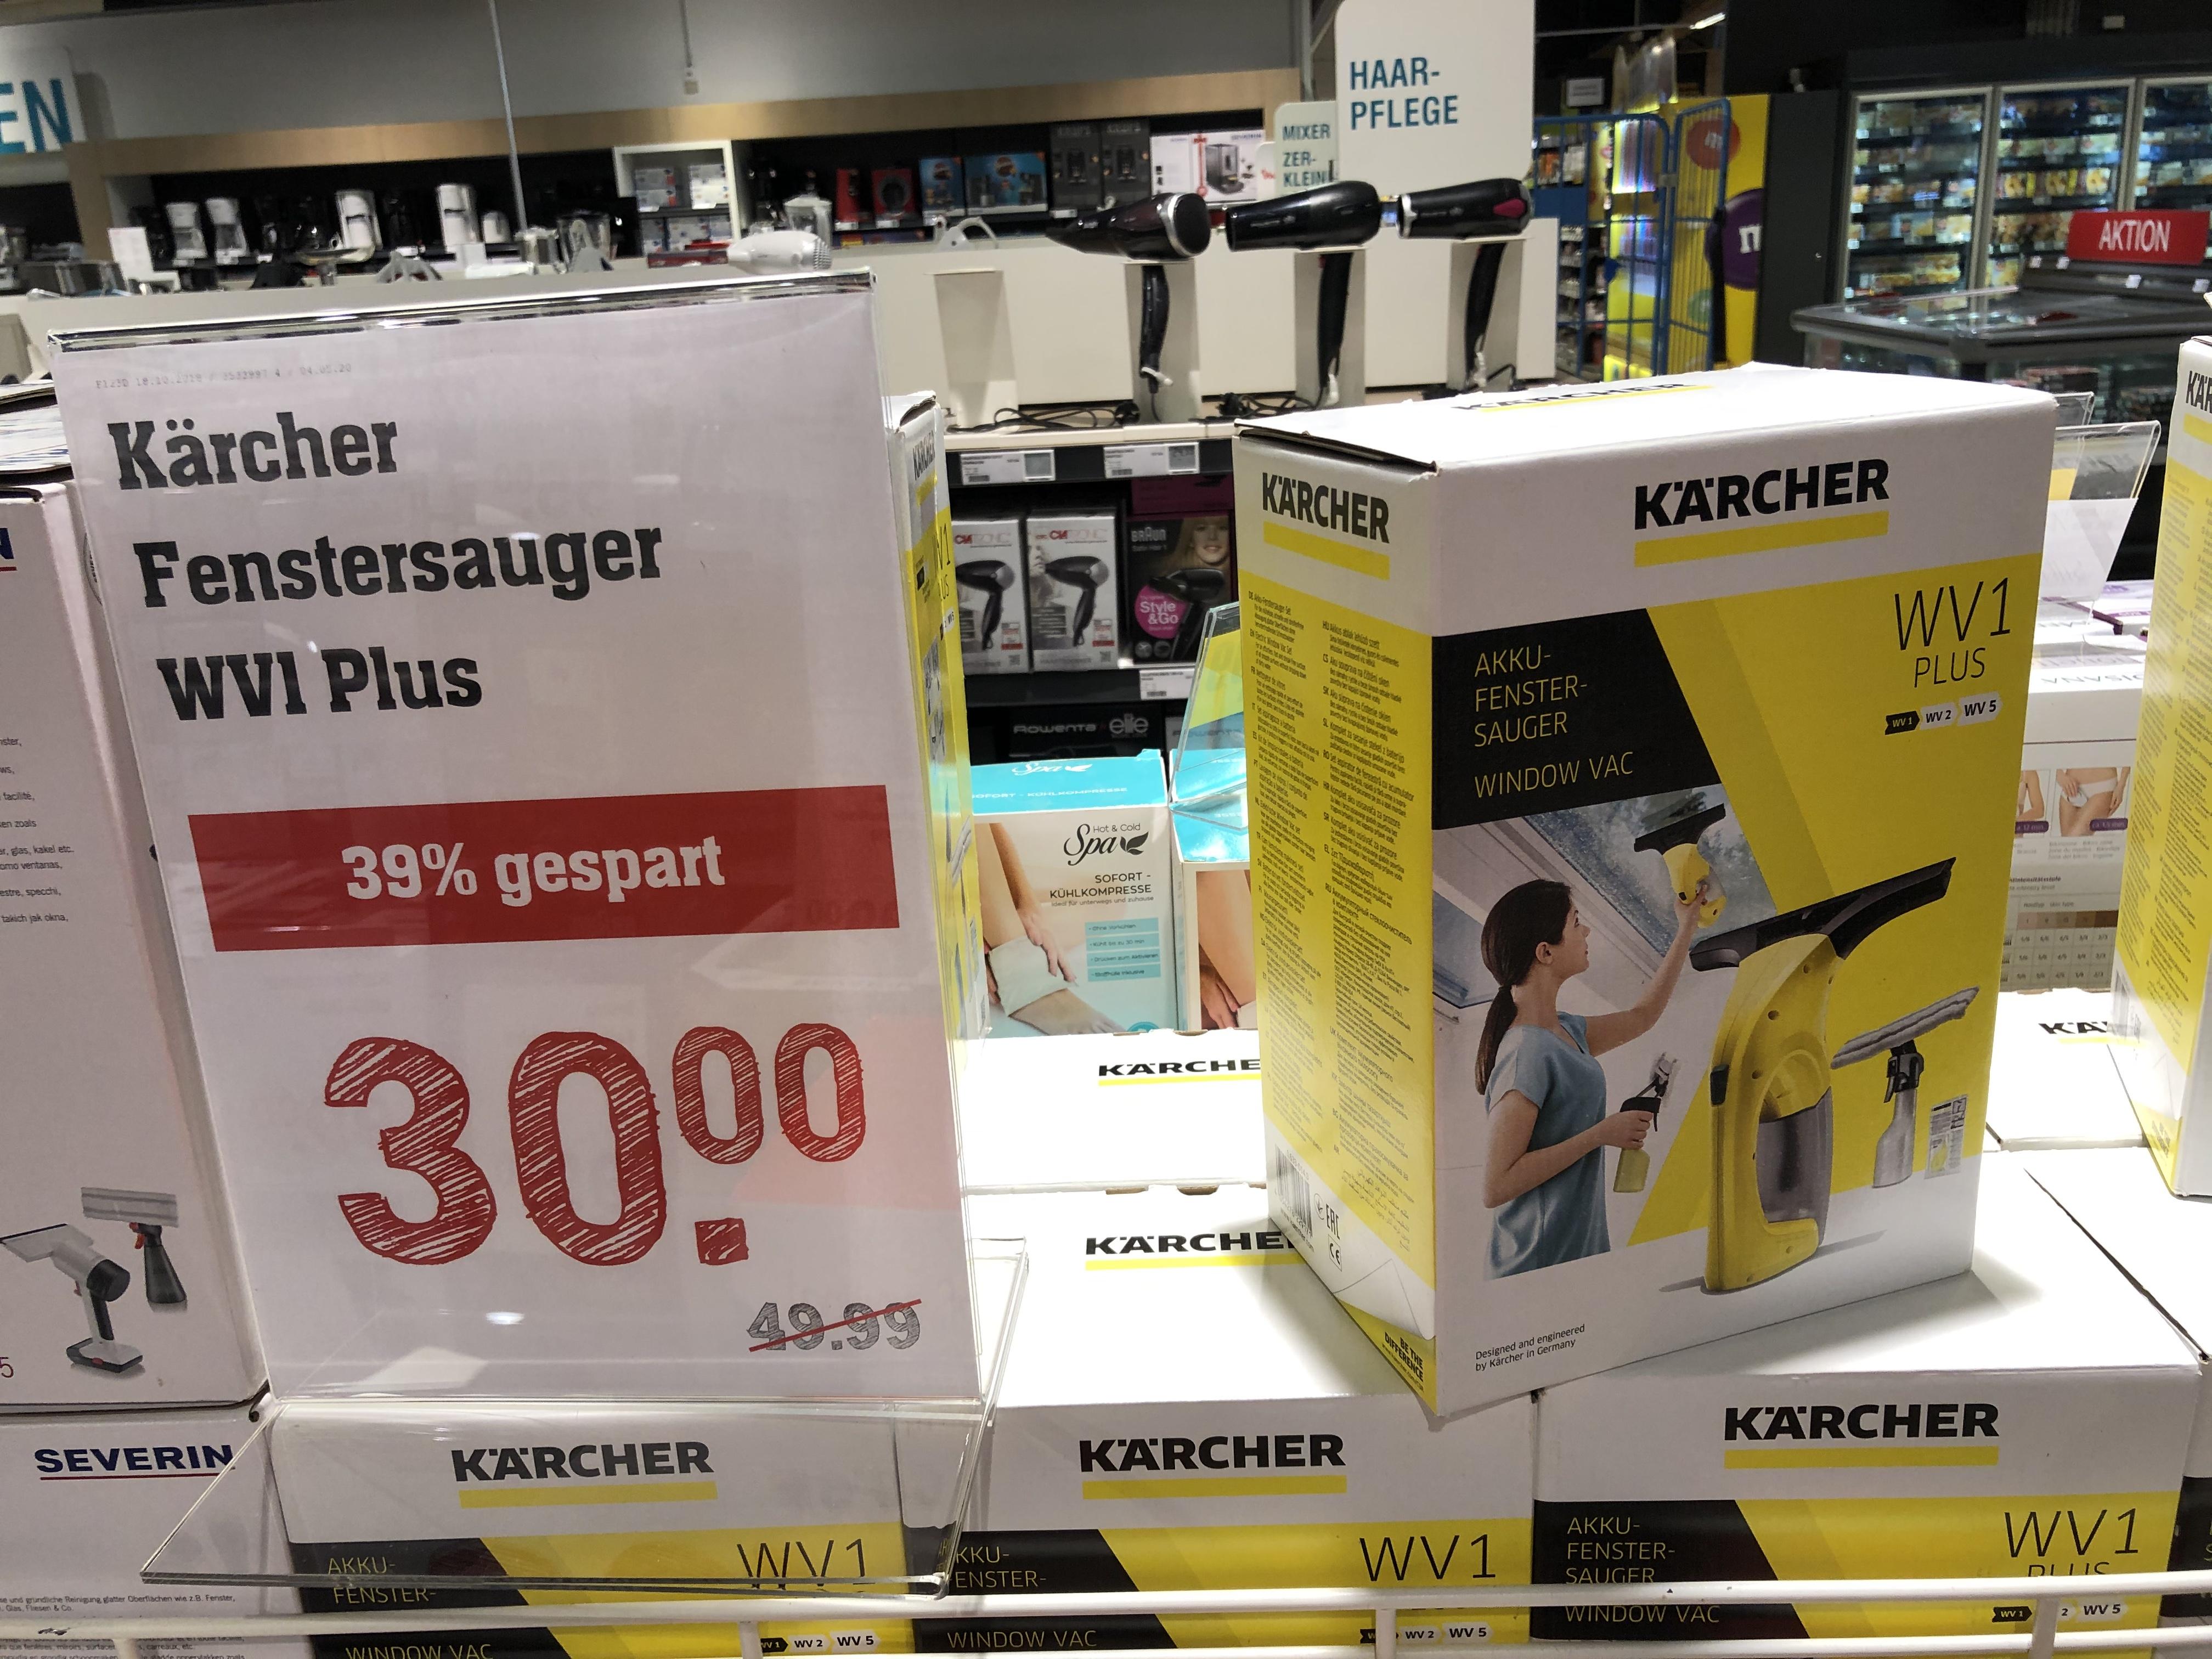 [Lokal] Rewe Center Darmstadt - Kaercher WV1 Plus Fensterreiniger